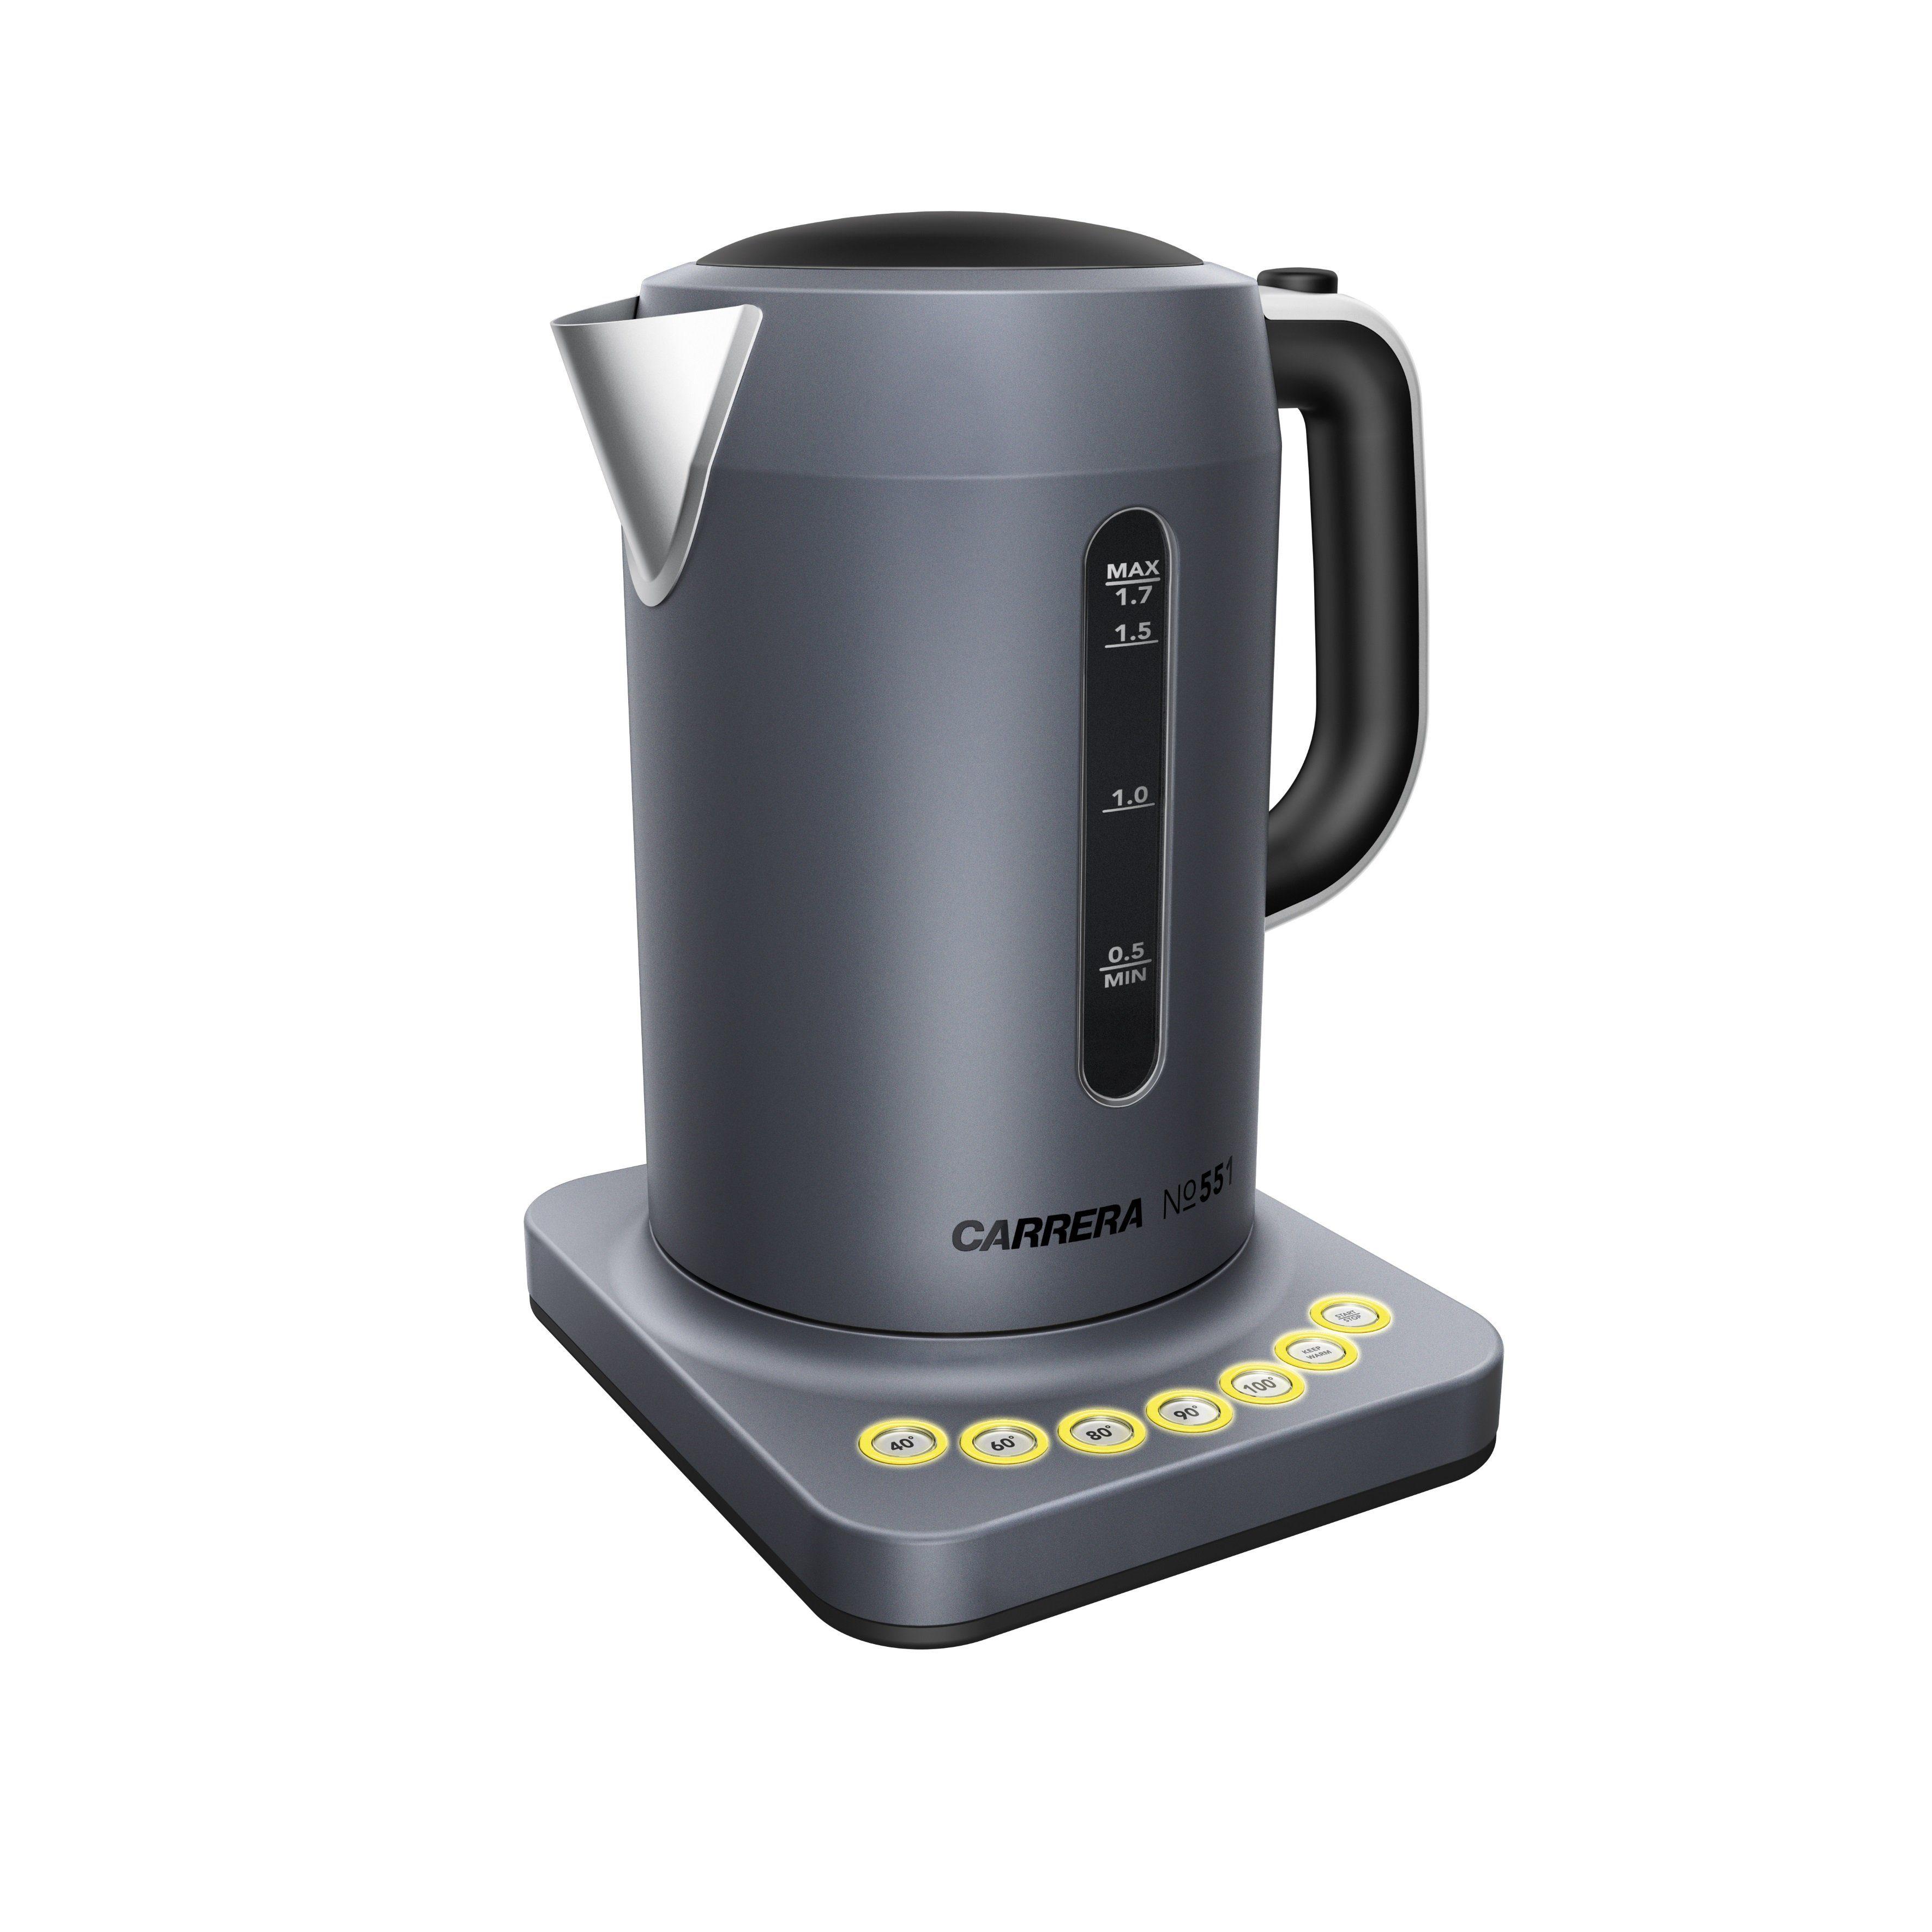 CARRERA Original Wasserkocher Edelstahl 2.200 Watt mit Warmhaltefunktion »No 551«